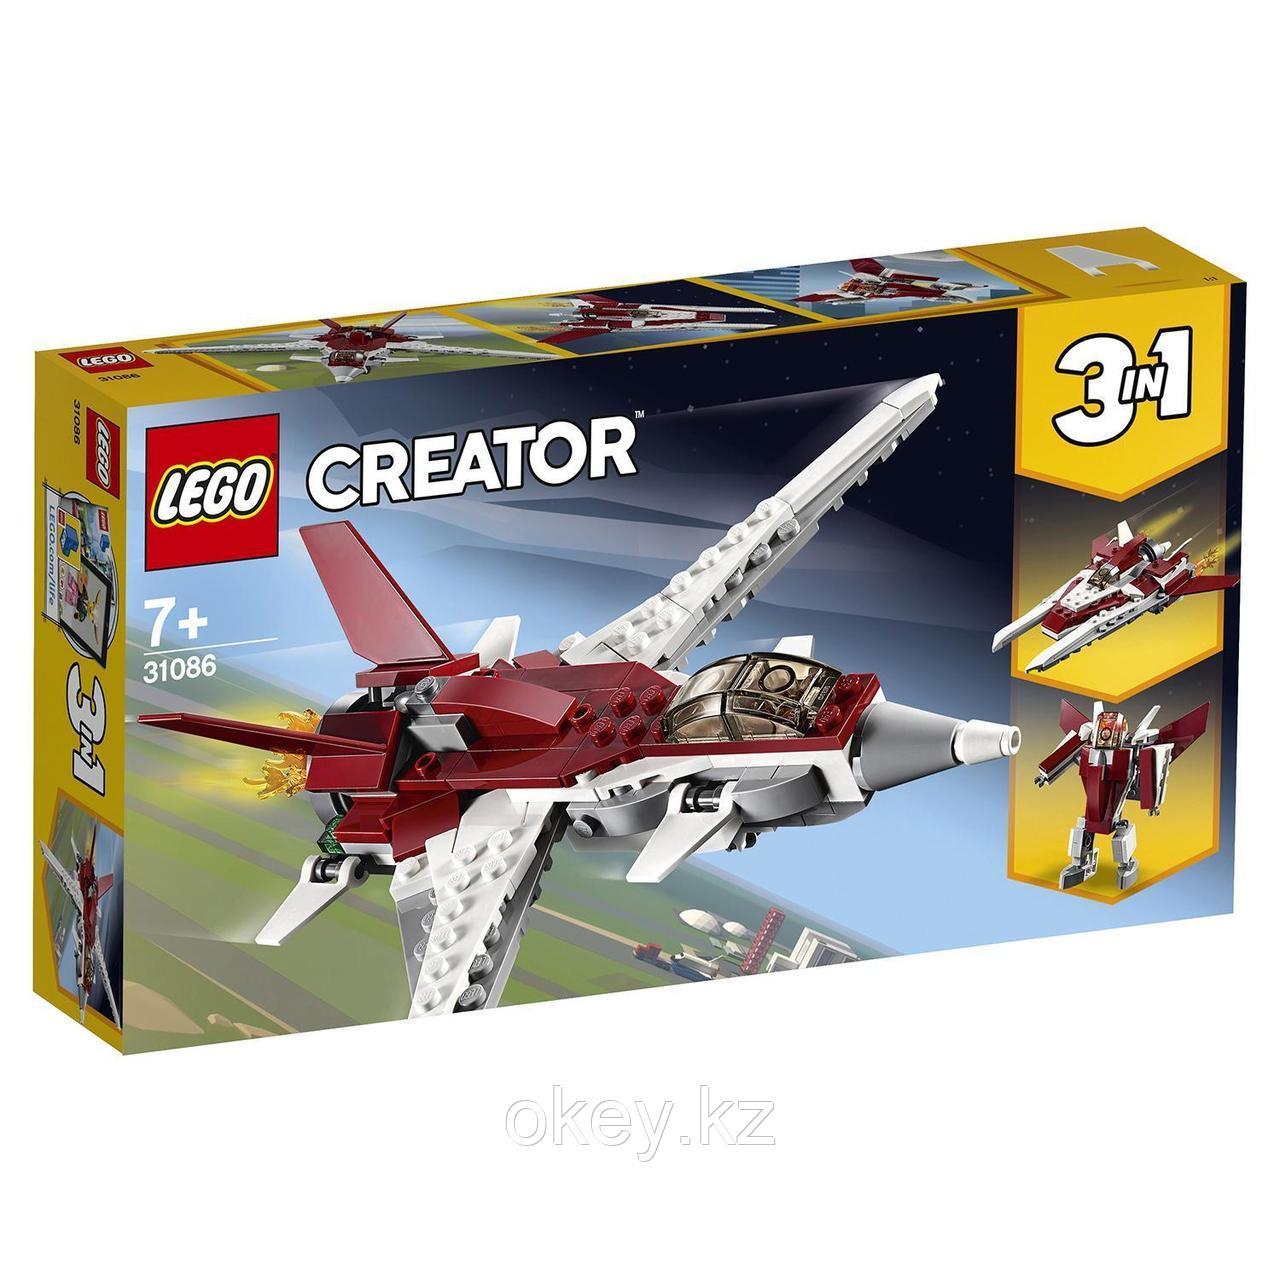 LEGO Creator: Истребитель будущего 31086